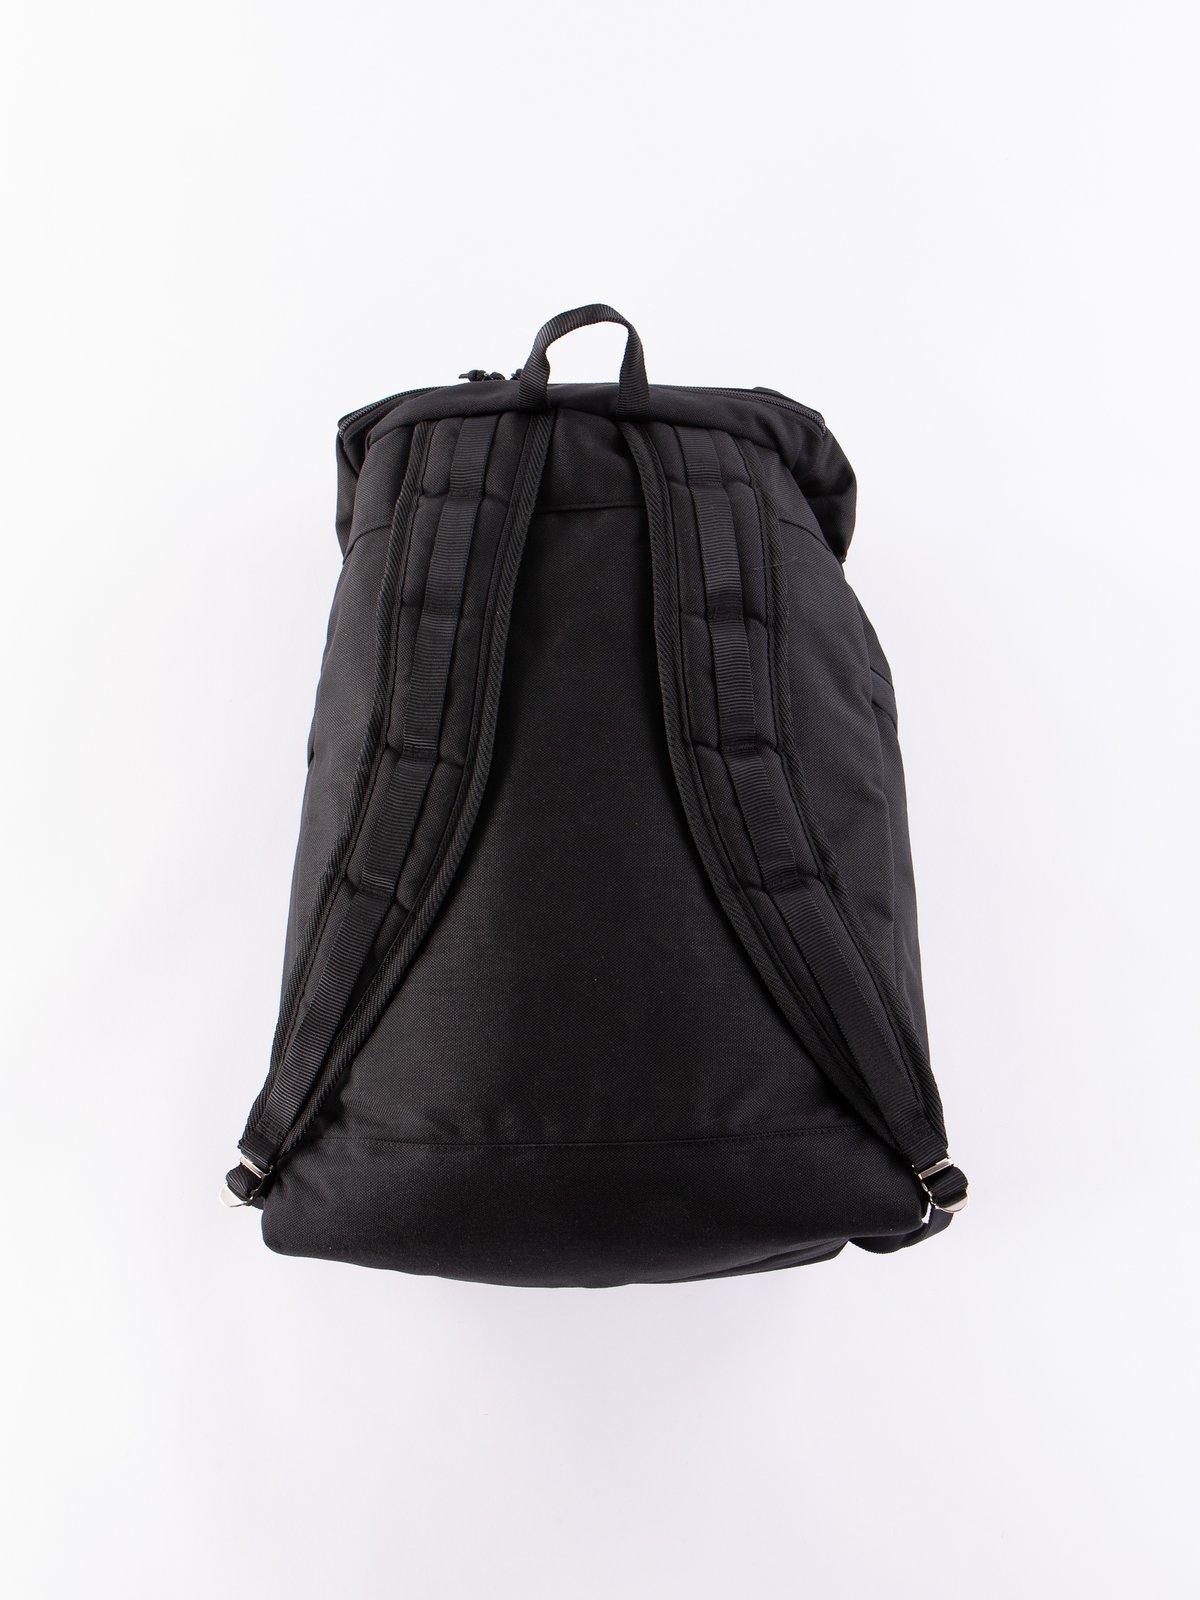 Mil–Spec Black Large Climb Pack - Image 4